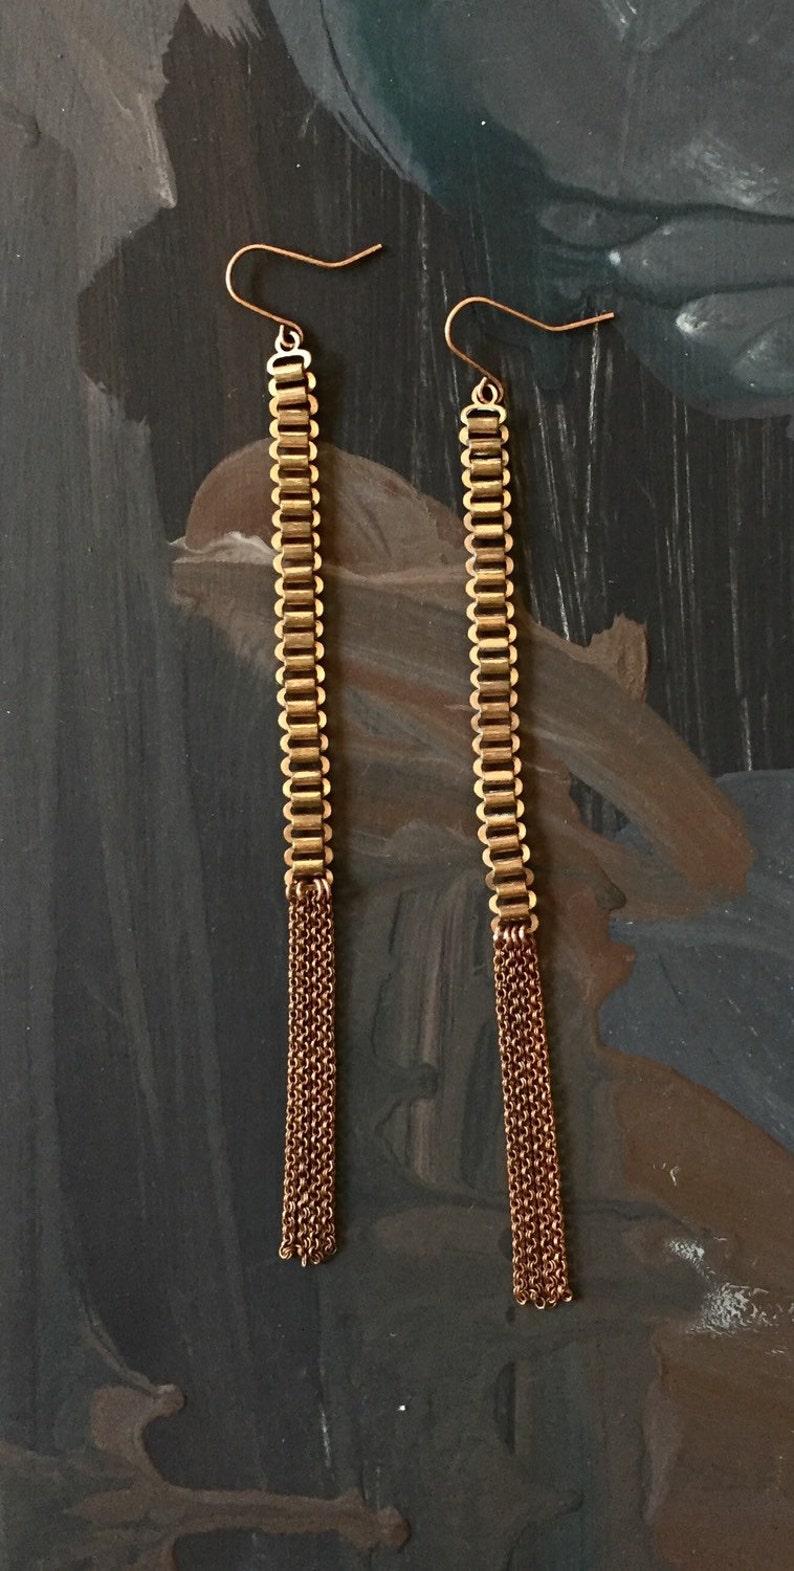 8b4628542 Long Fringe Tassel Earrings Dangle Ladder Copper Gold | Etsy